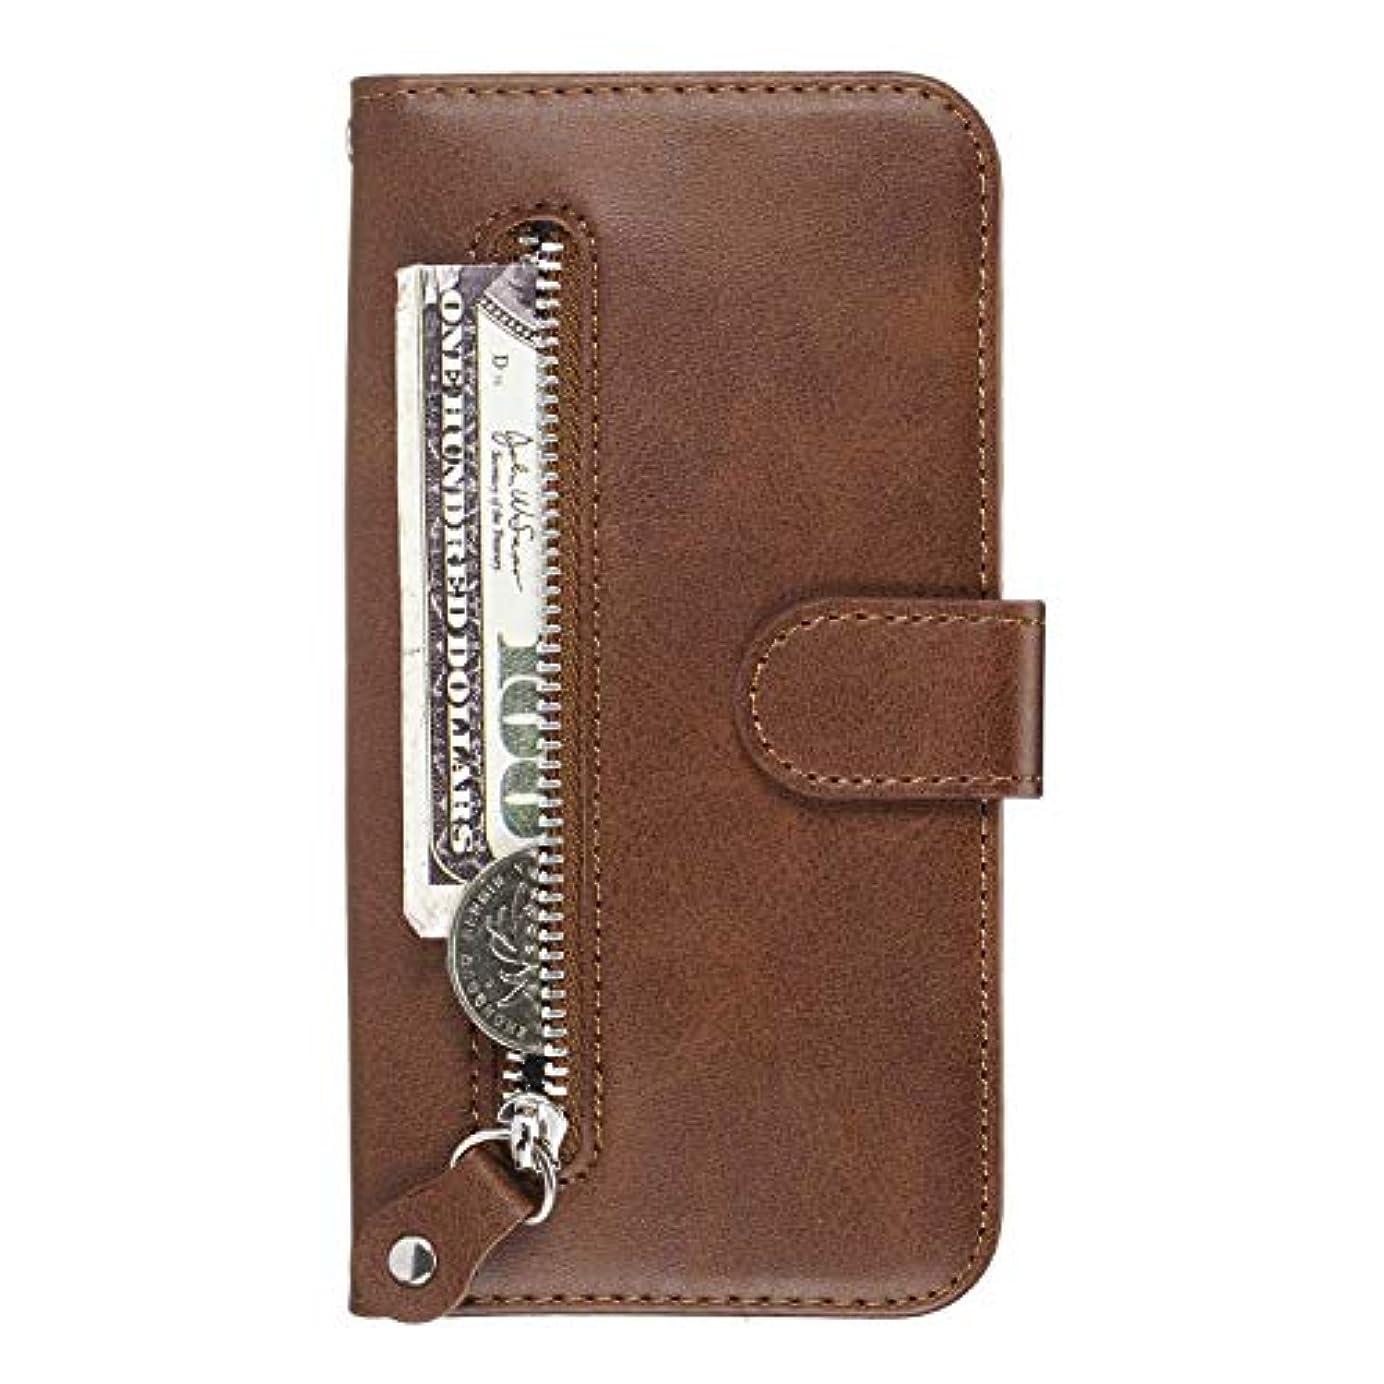 遡る単調な親密なOMATENTI Galaxy M20 ケース, 軽量 PUレザー 薄型 簡約風 人気カバー バックケース Galaxy M20 用 Case Cover, 液晶保護 カード収納, 財布とコインポケット付き, 褐色